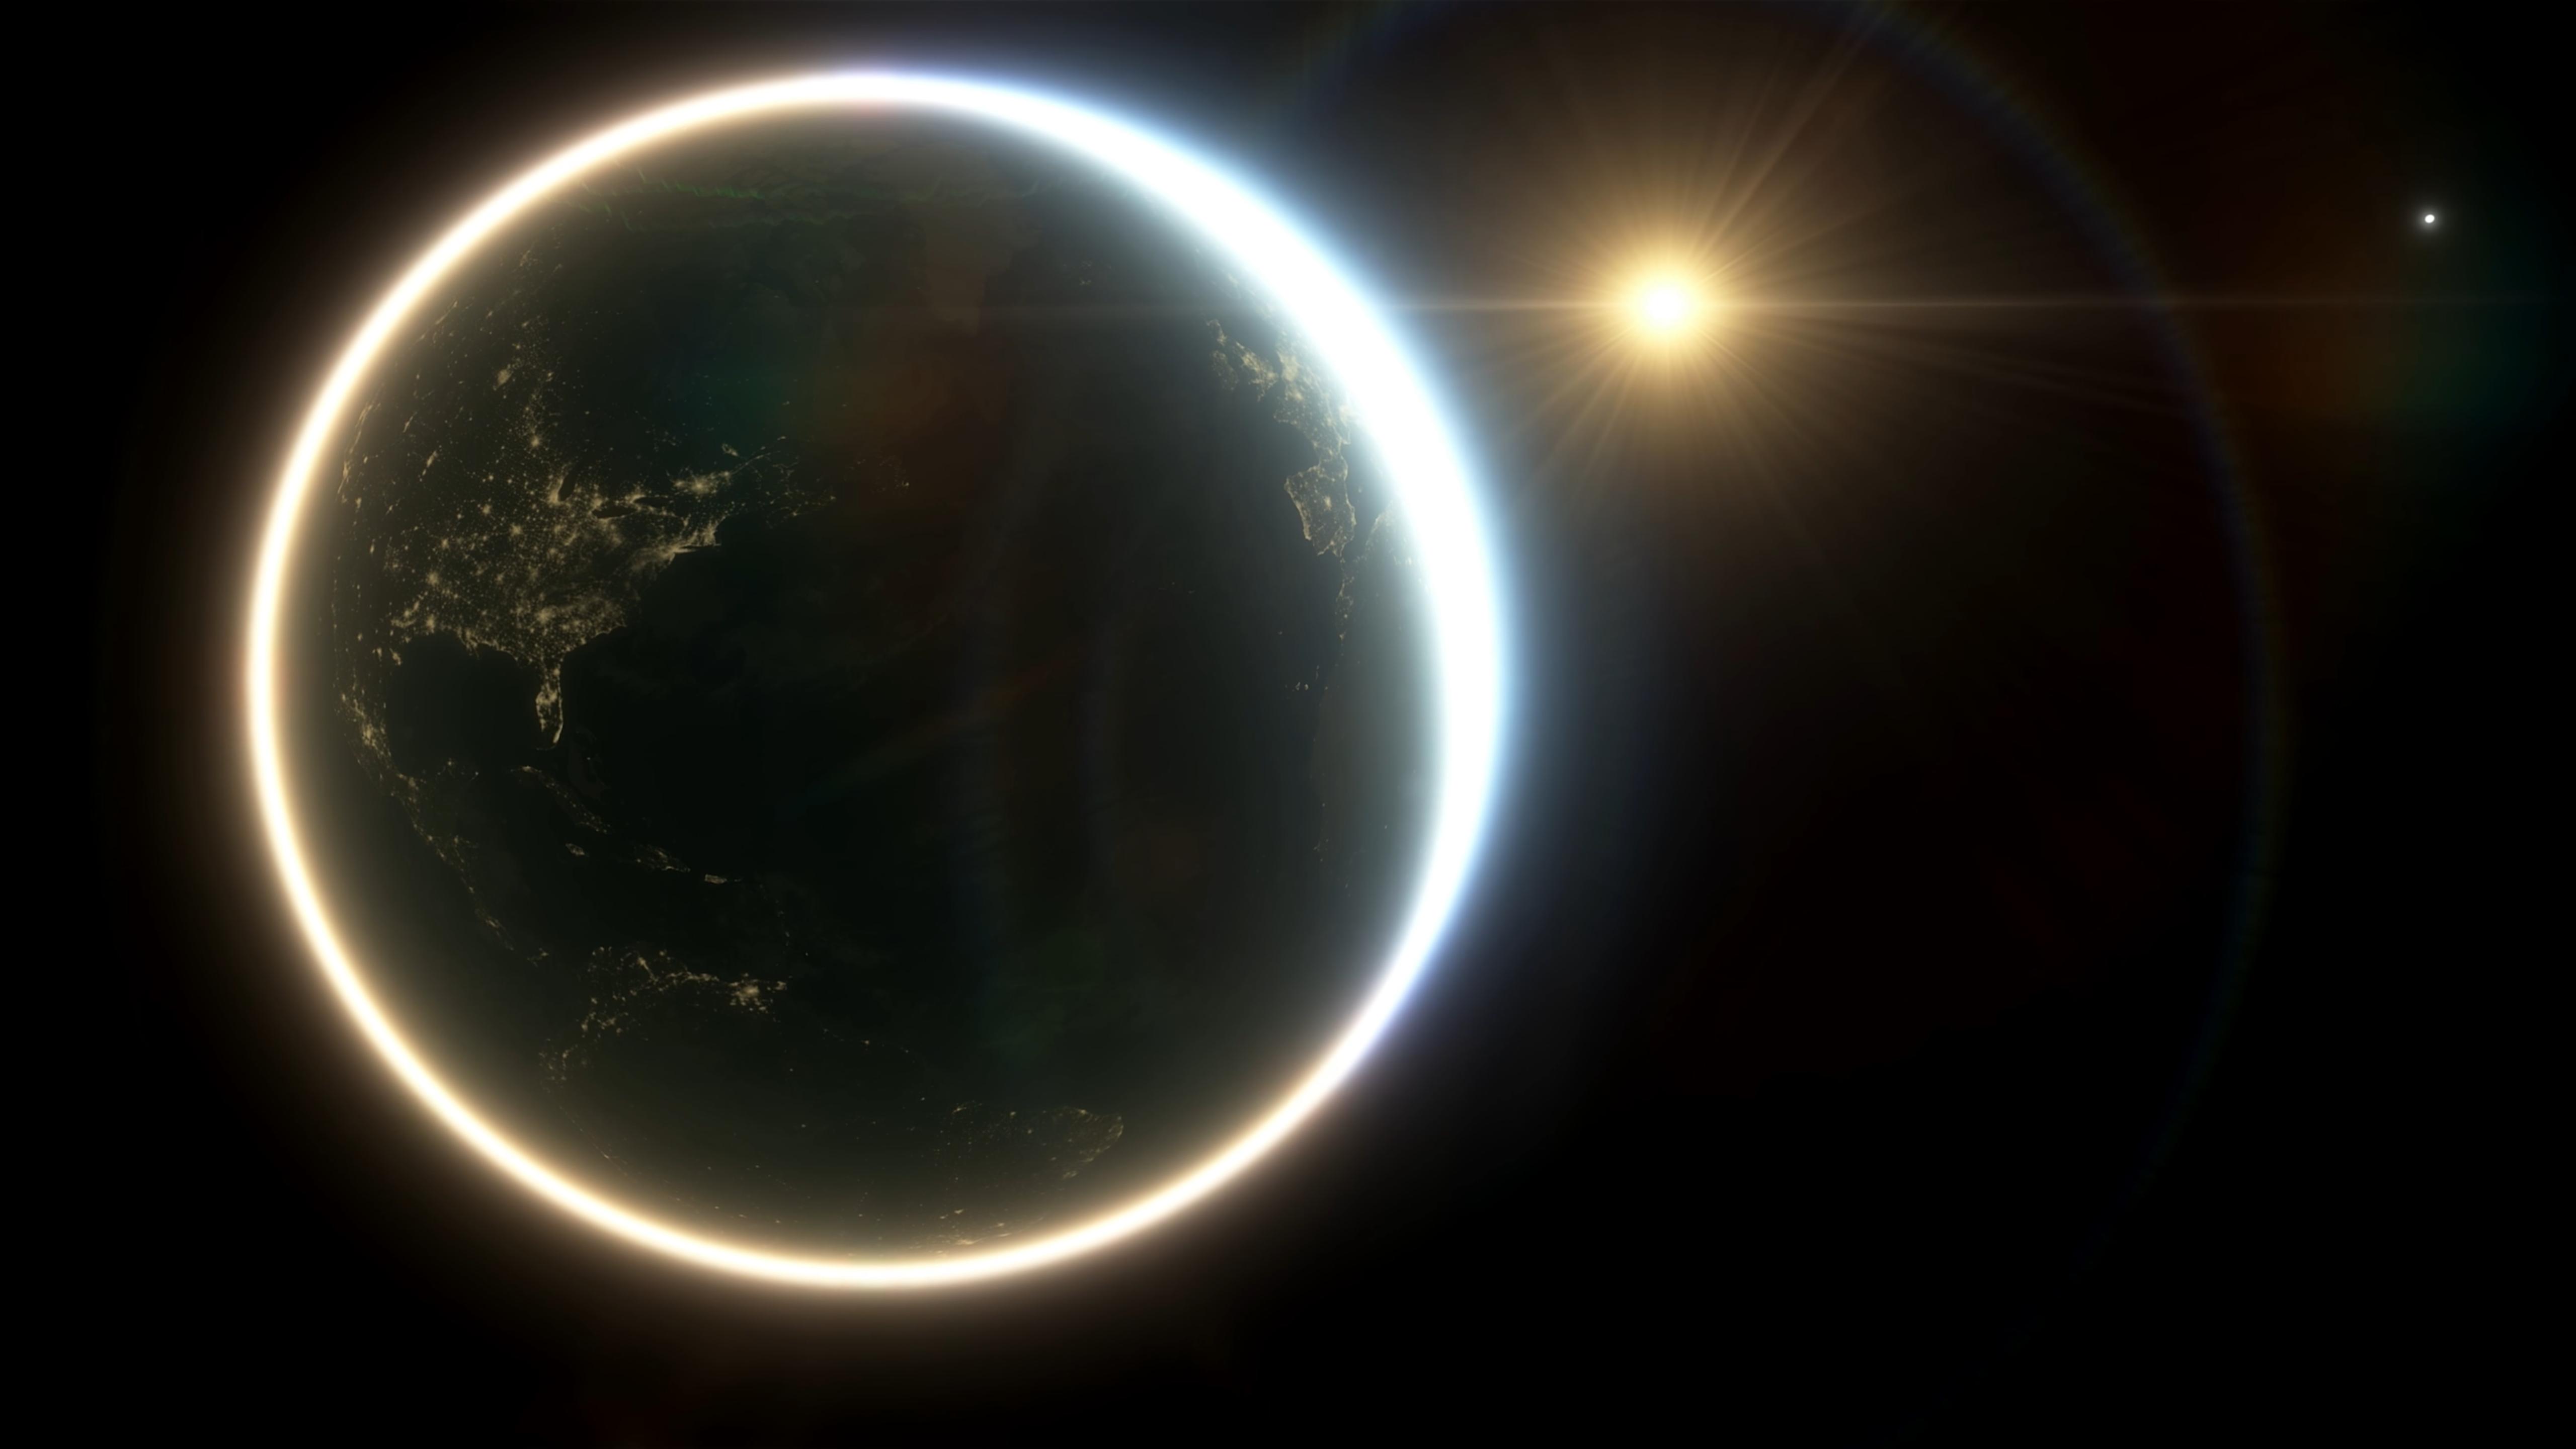 Un simulateur spatial pour modifier et explorer l'Univers